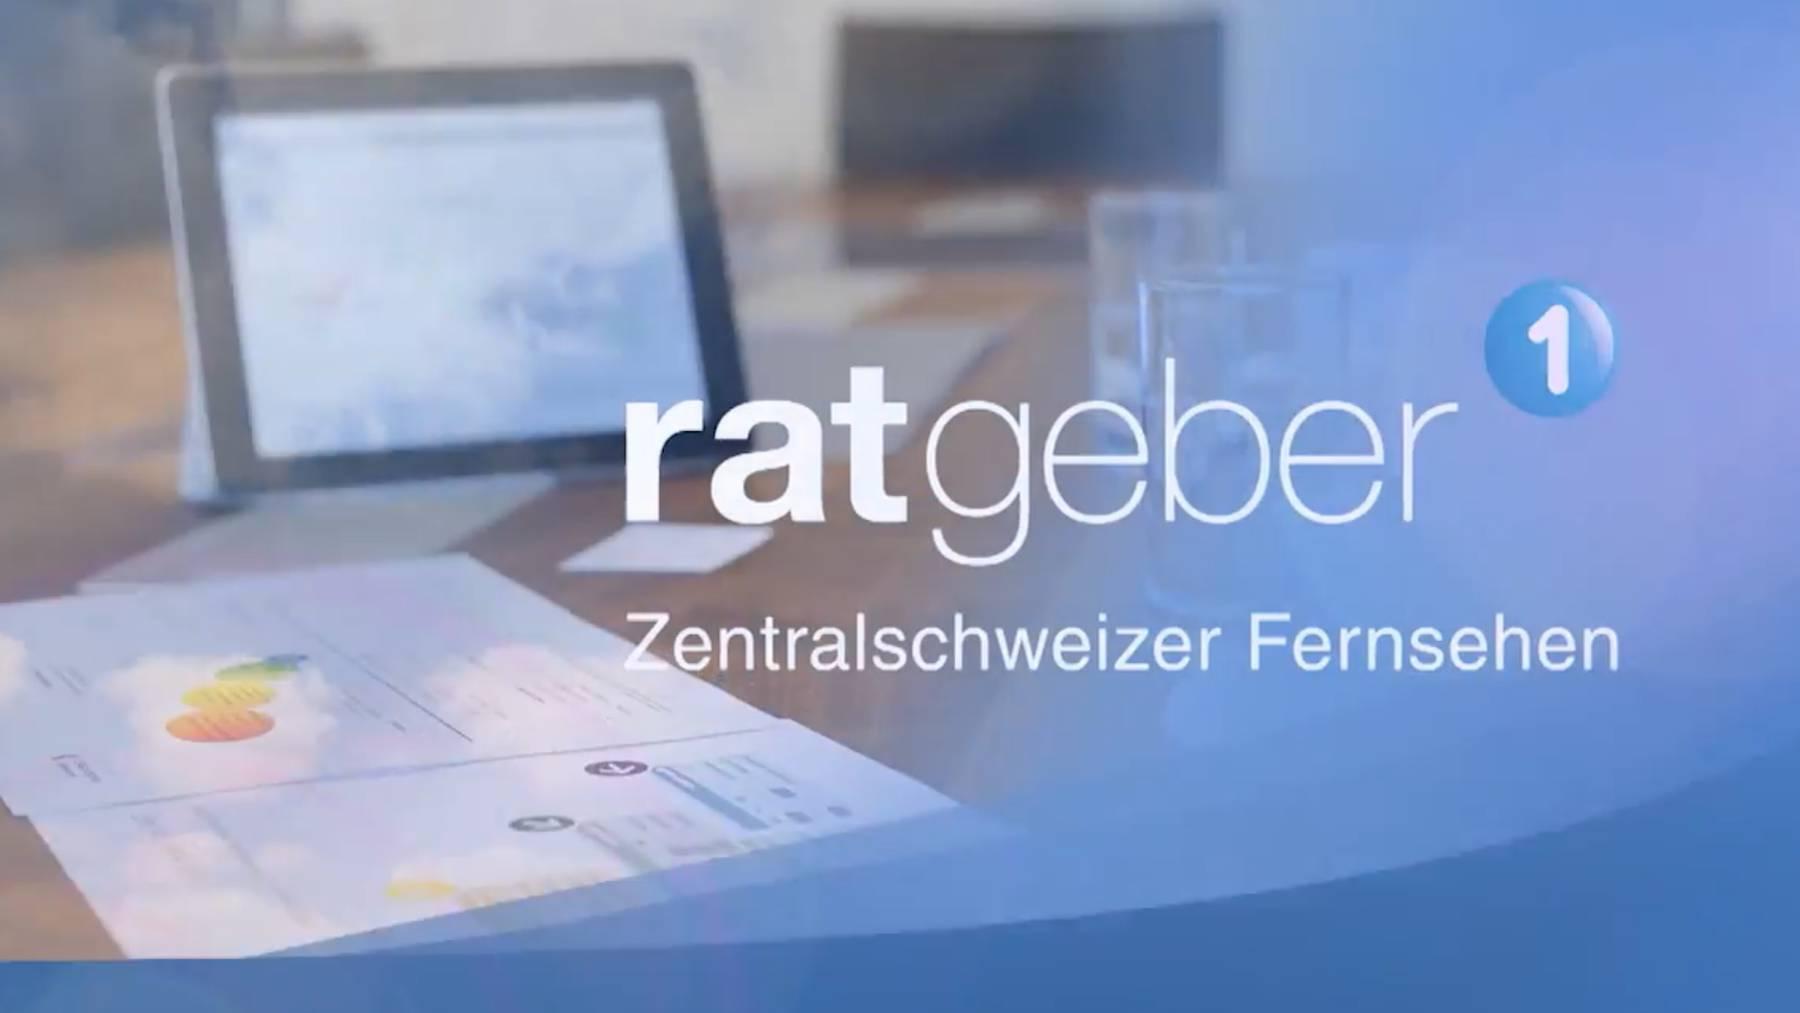 Ratgeber 11.1.21